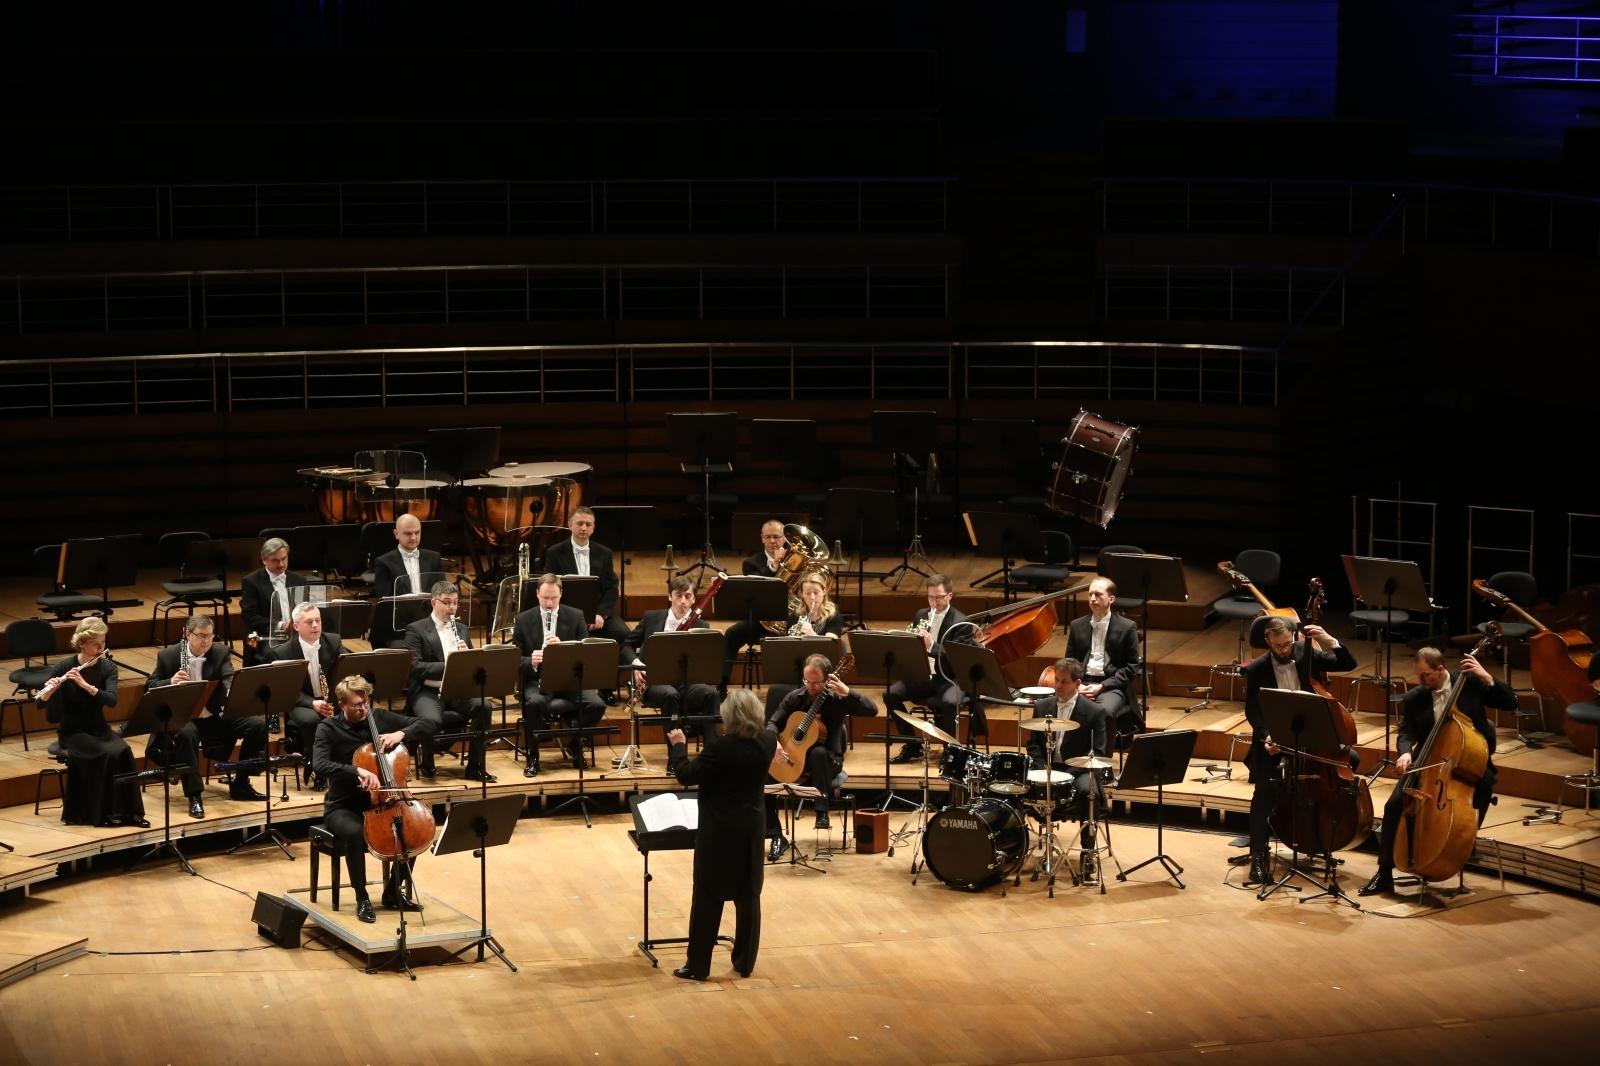 Filharmonia Poznańska we Wrocławiu (2) - Antoni Hoffmann